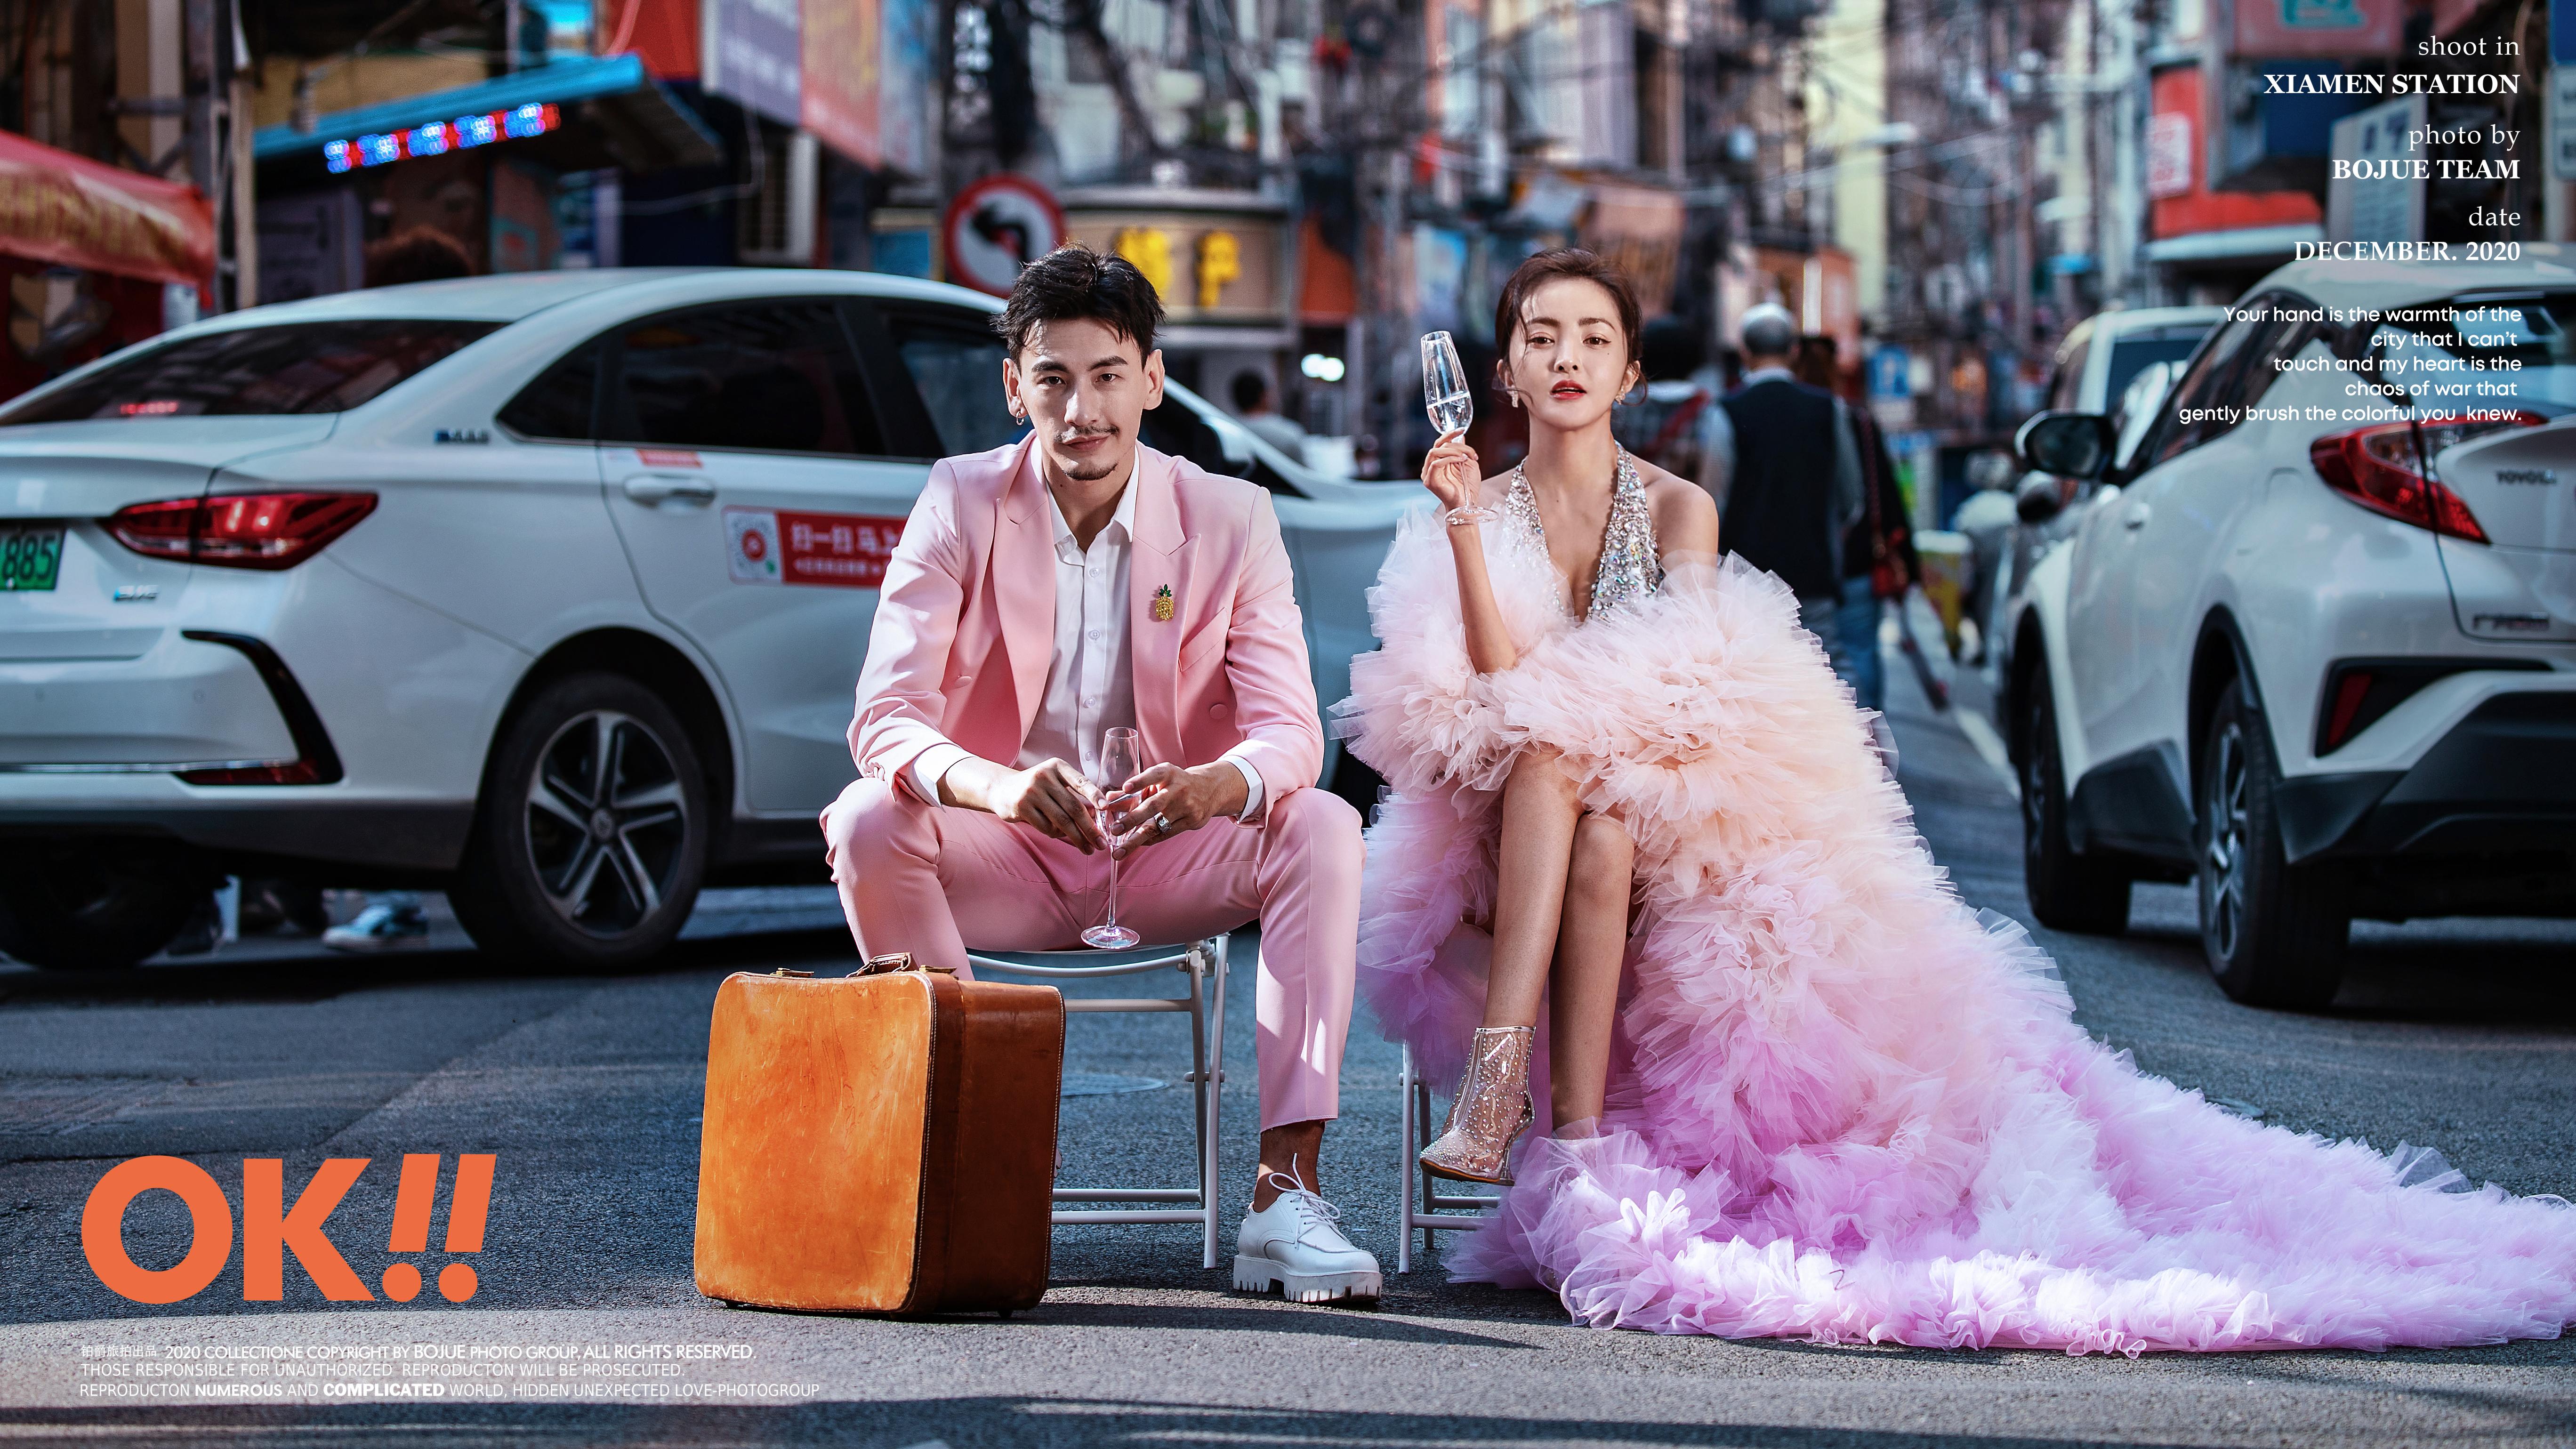 厦门婚纱摄影要怎么避免隐形消费?婚纱摄影要如何避坑?